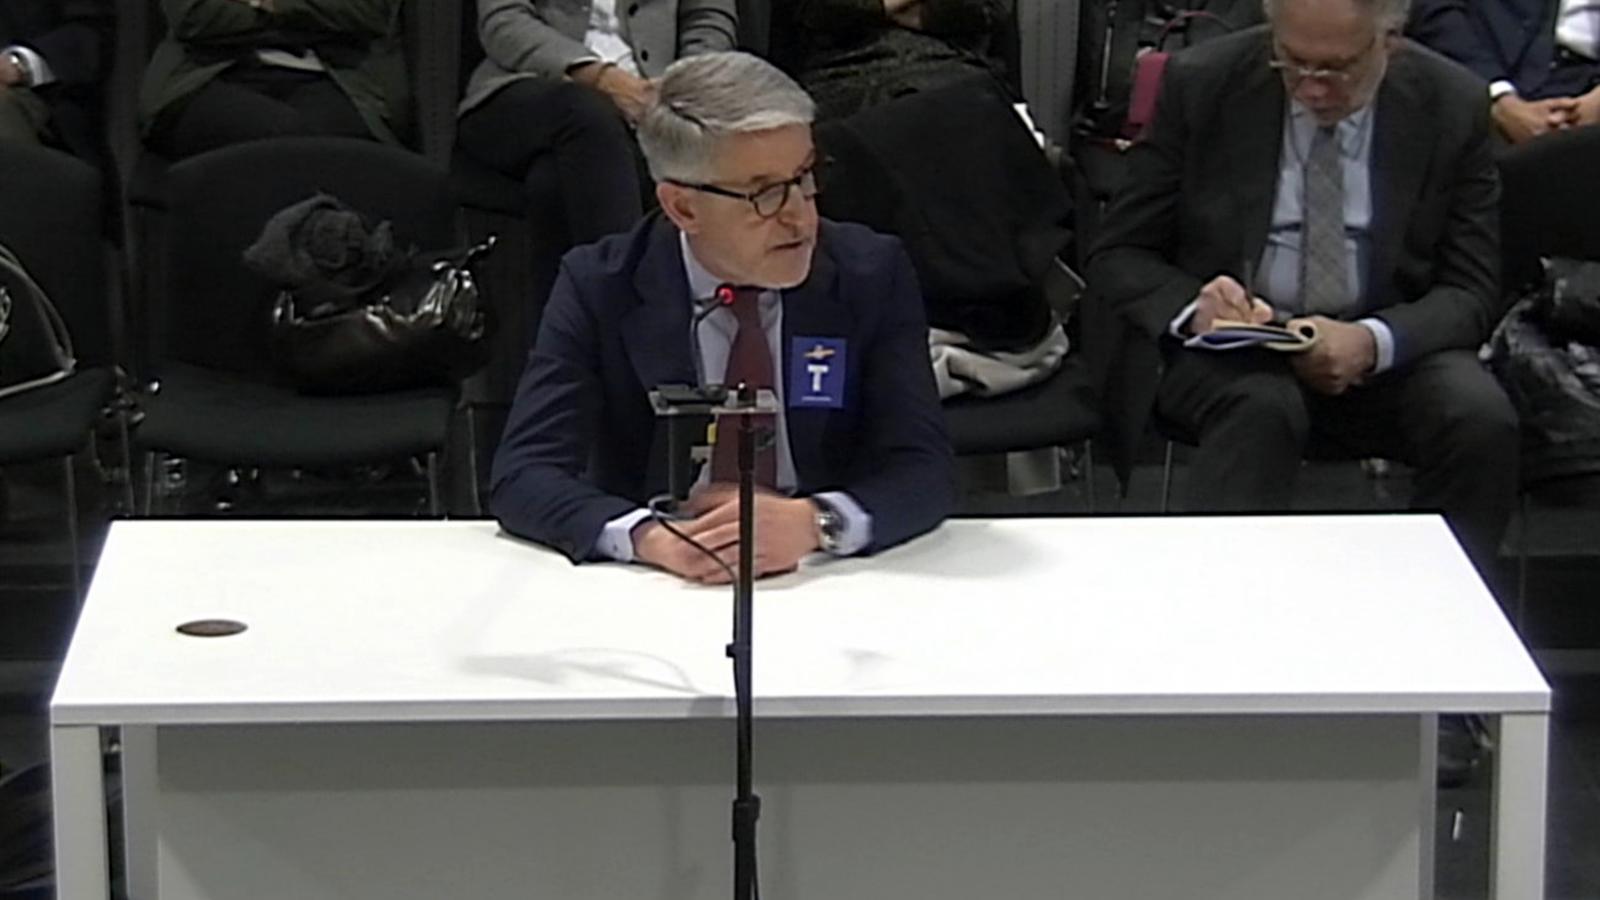 El secretari general tècnic del ministeri de l'Interior, Juan Antonio Puigserver, aquest dimarts a l'Audiència Nacional.